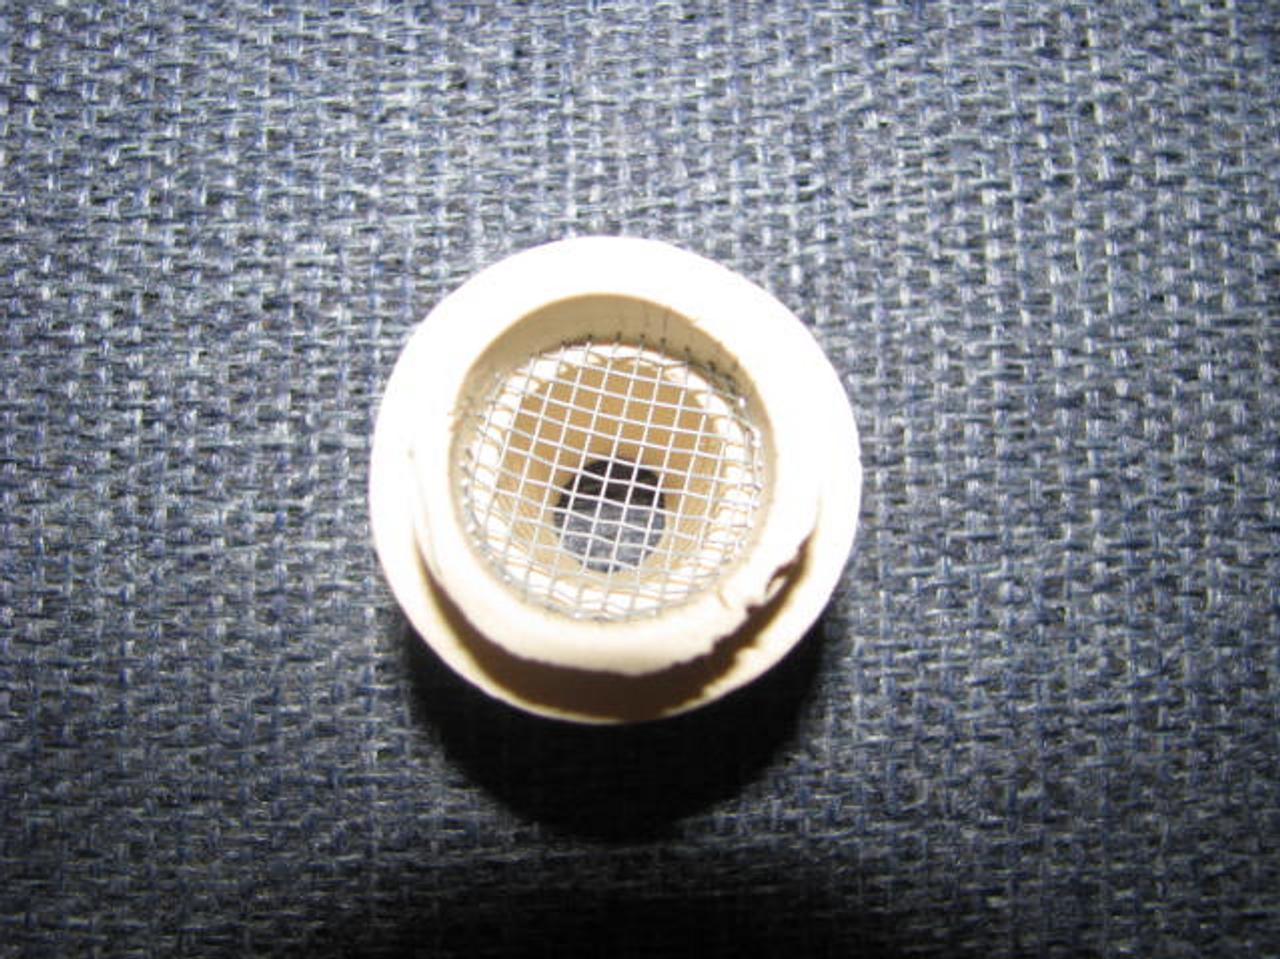 #8 Burner Nose for Gas Light (LT267)